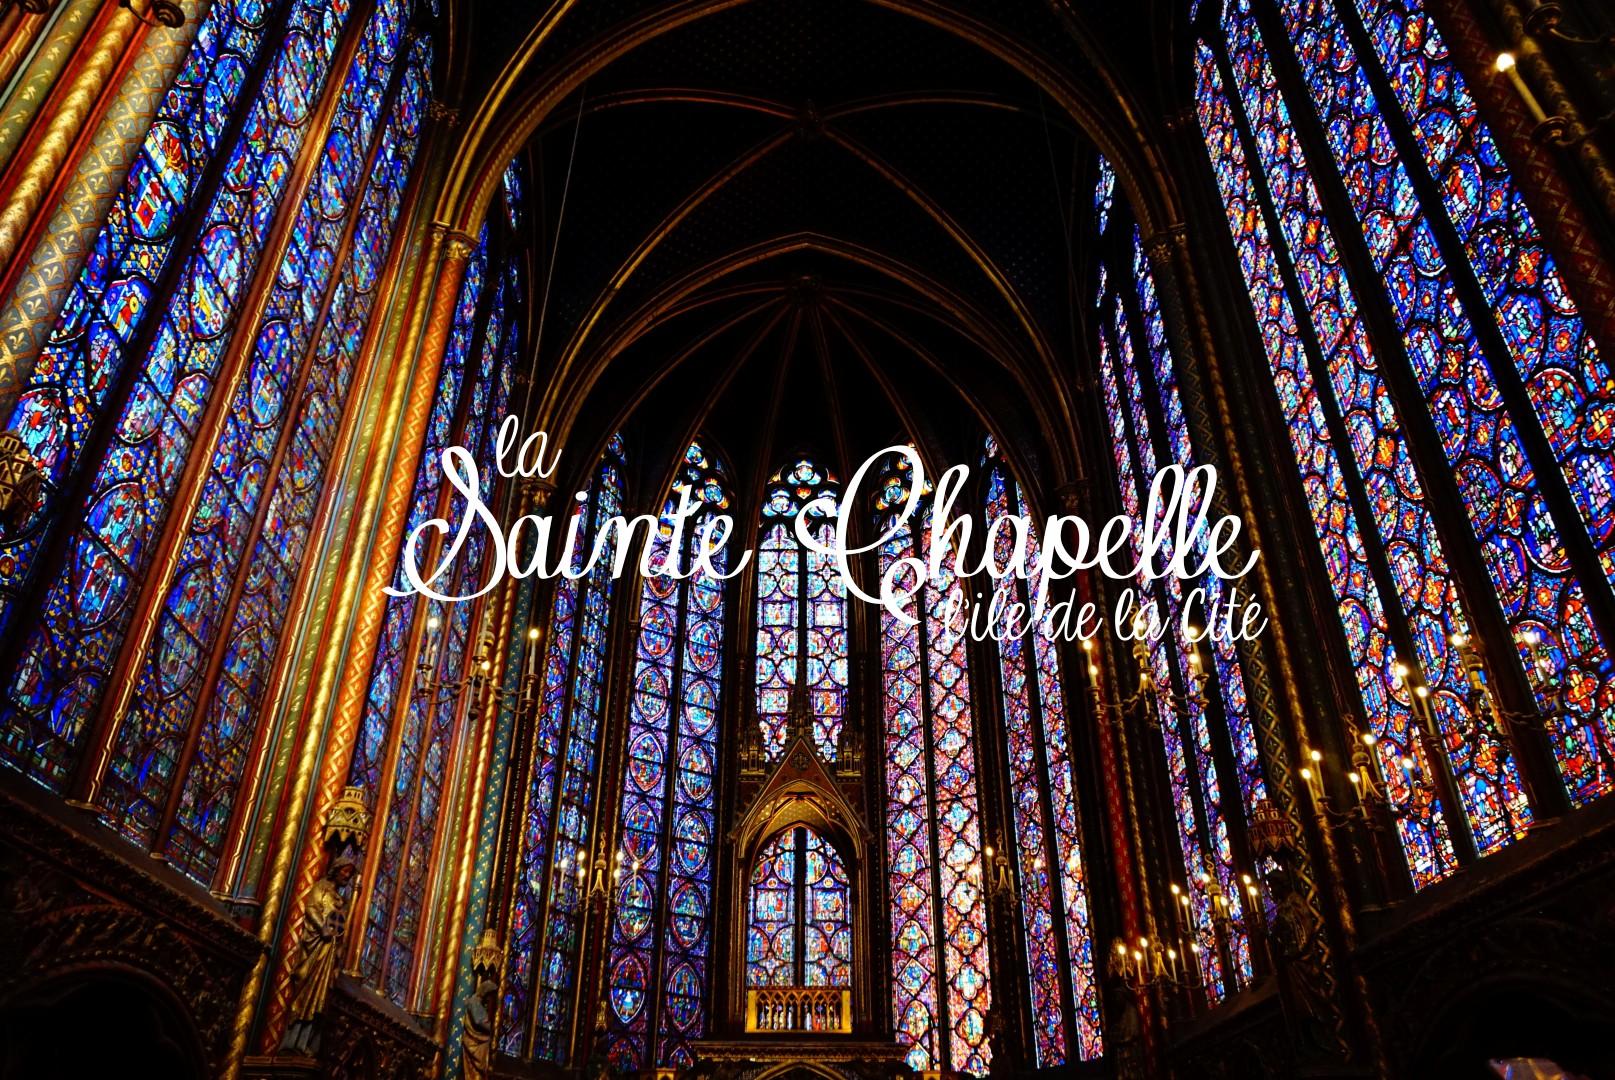 20150528_sainte_chapelle (Large)